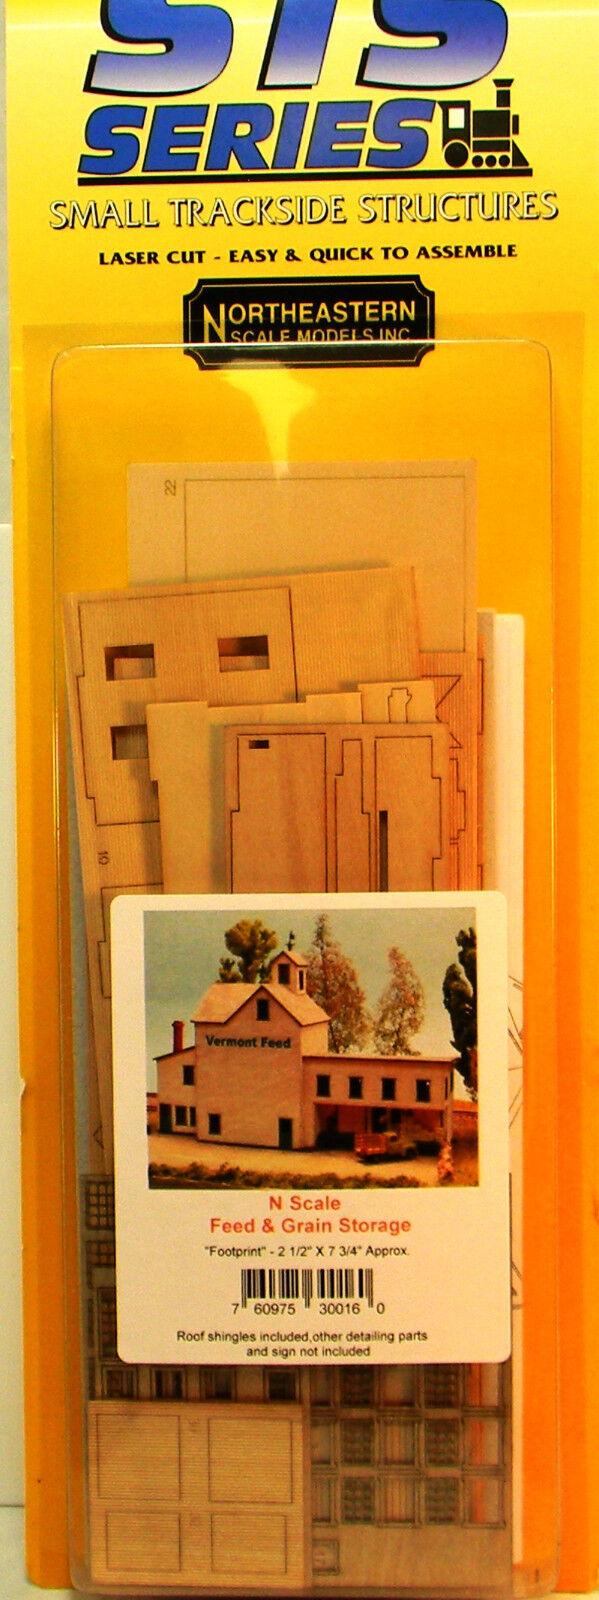 Nuovo con Box,N Northeastern Scala Modelli  30016 Sequenza & Grana